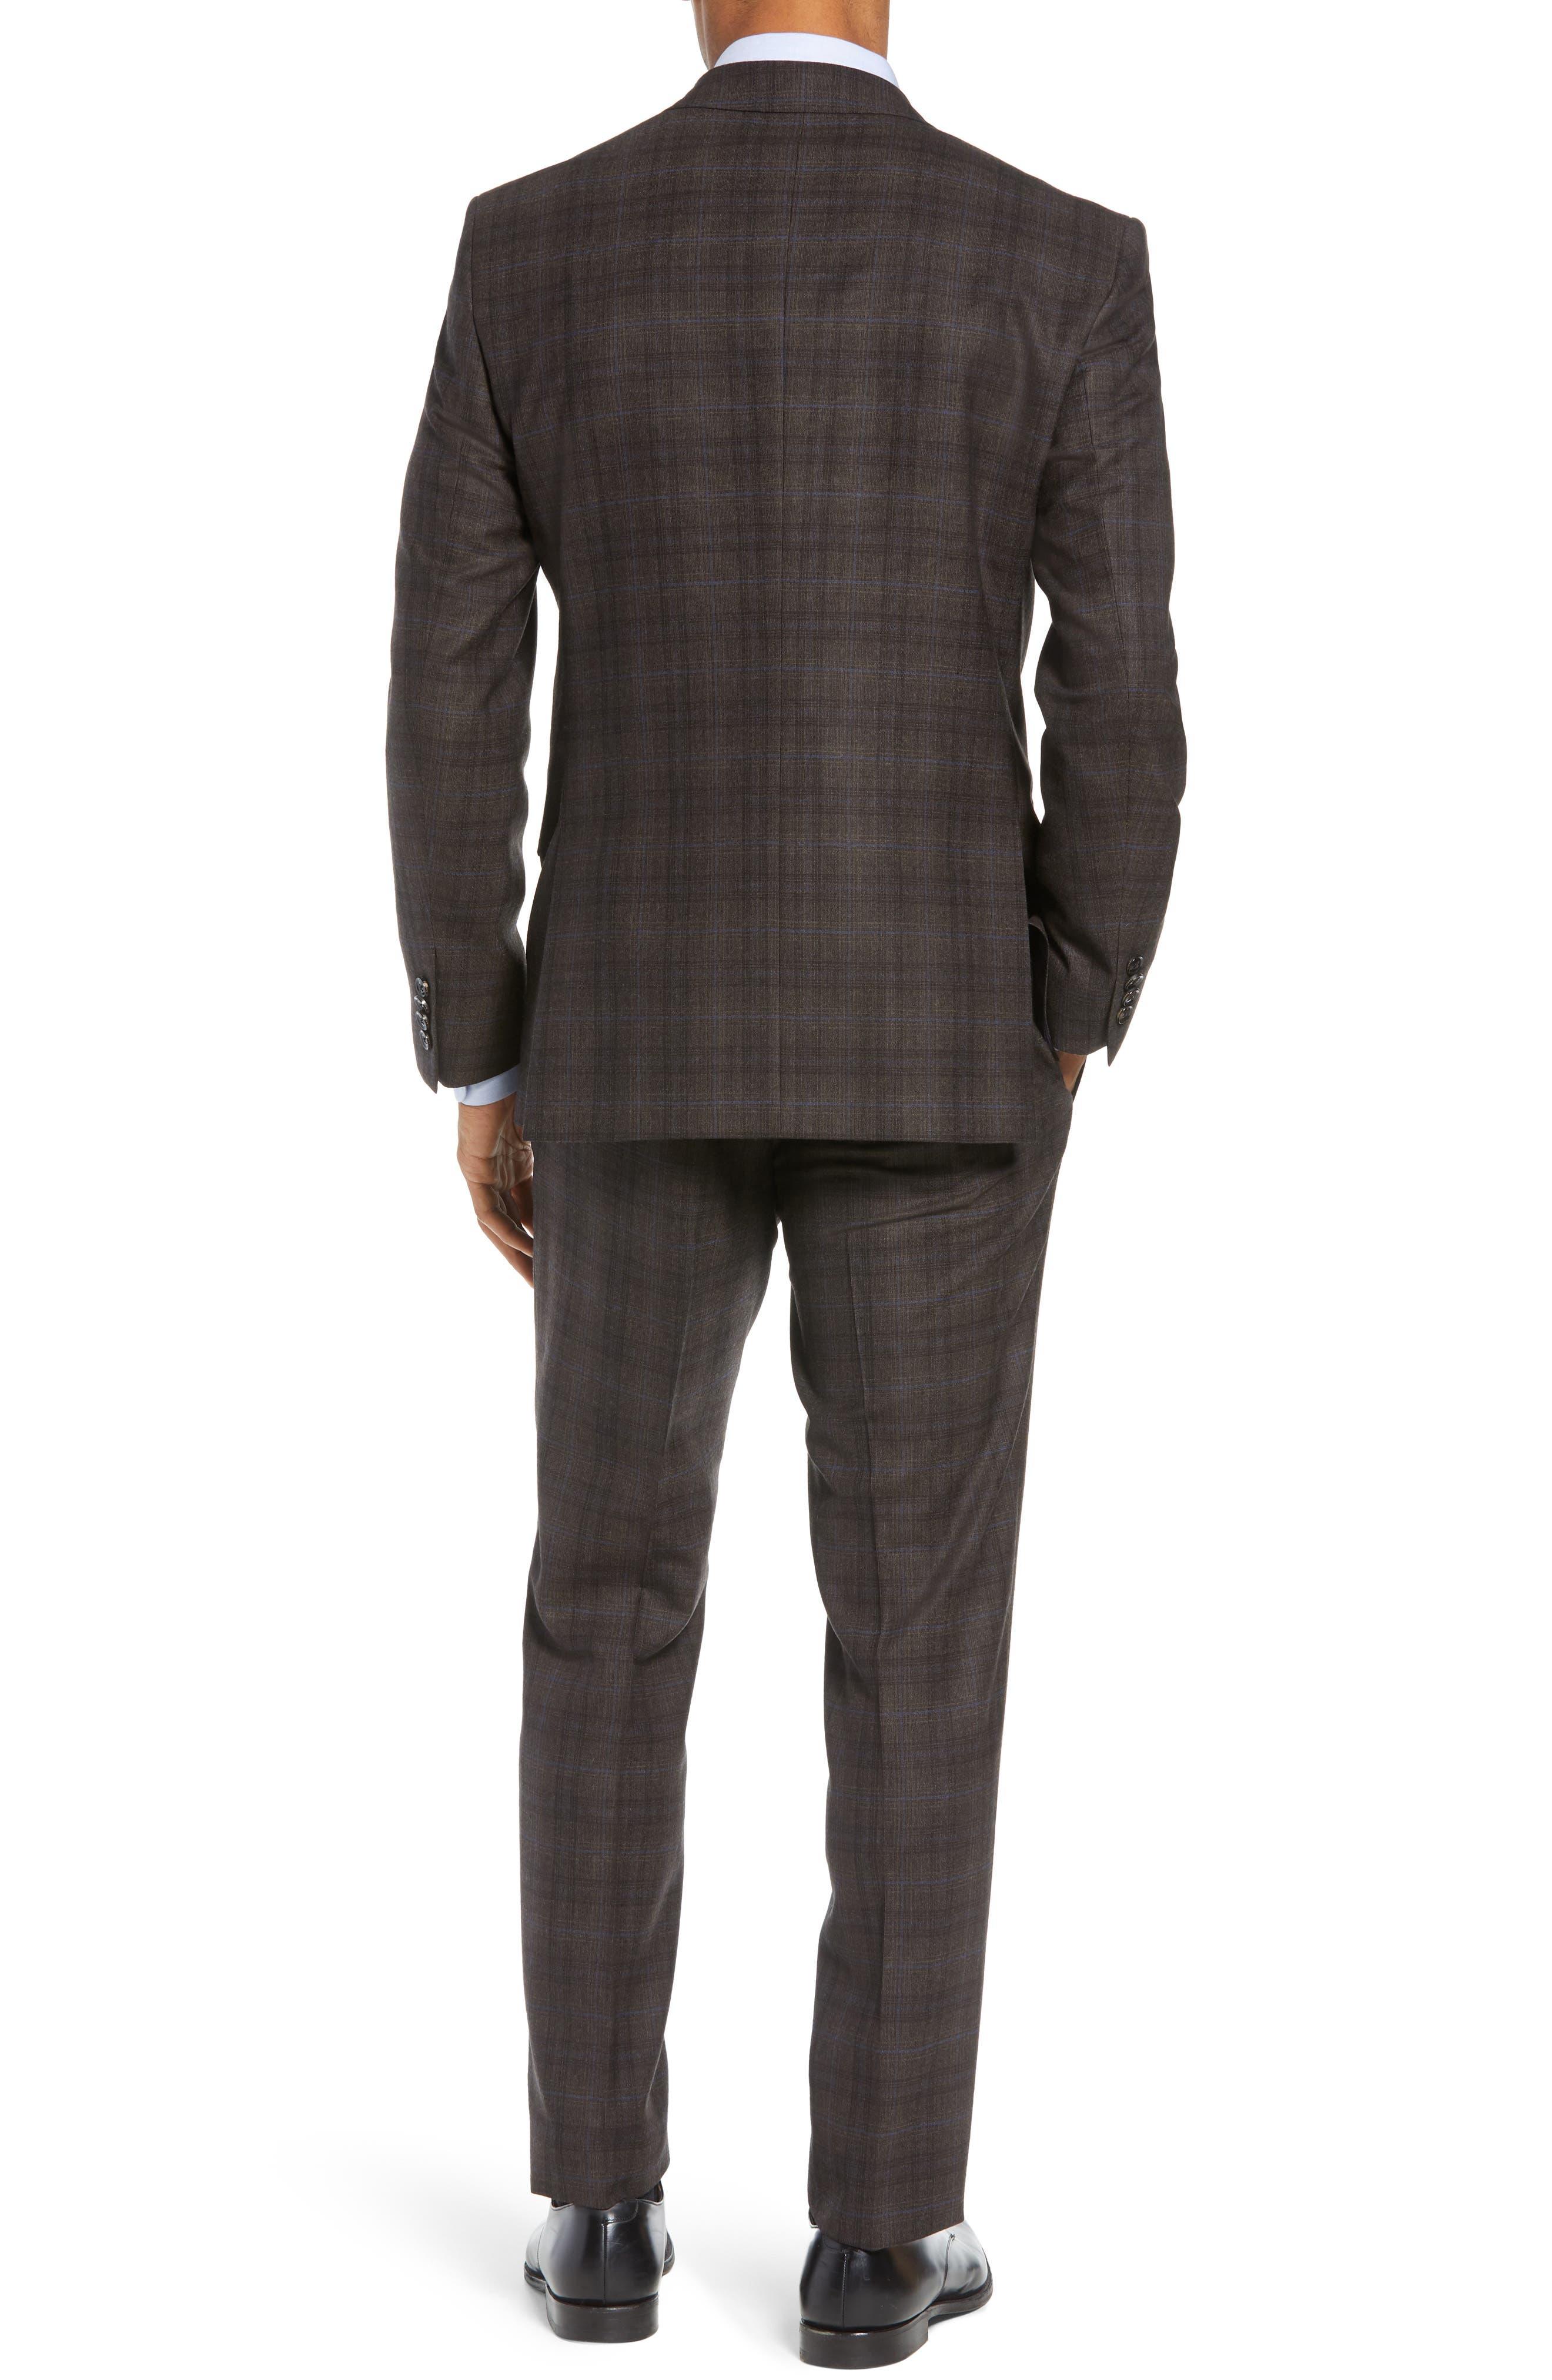 Jay Trim Fit Plaid Wool Suit,                             Alternate thumbnail 2, color,                             BROWN PLAID